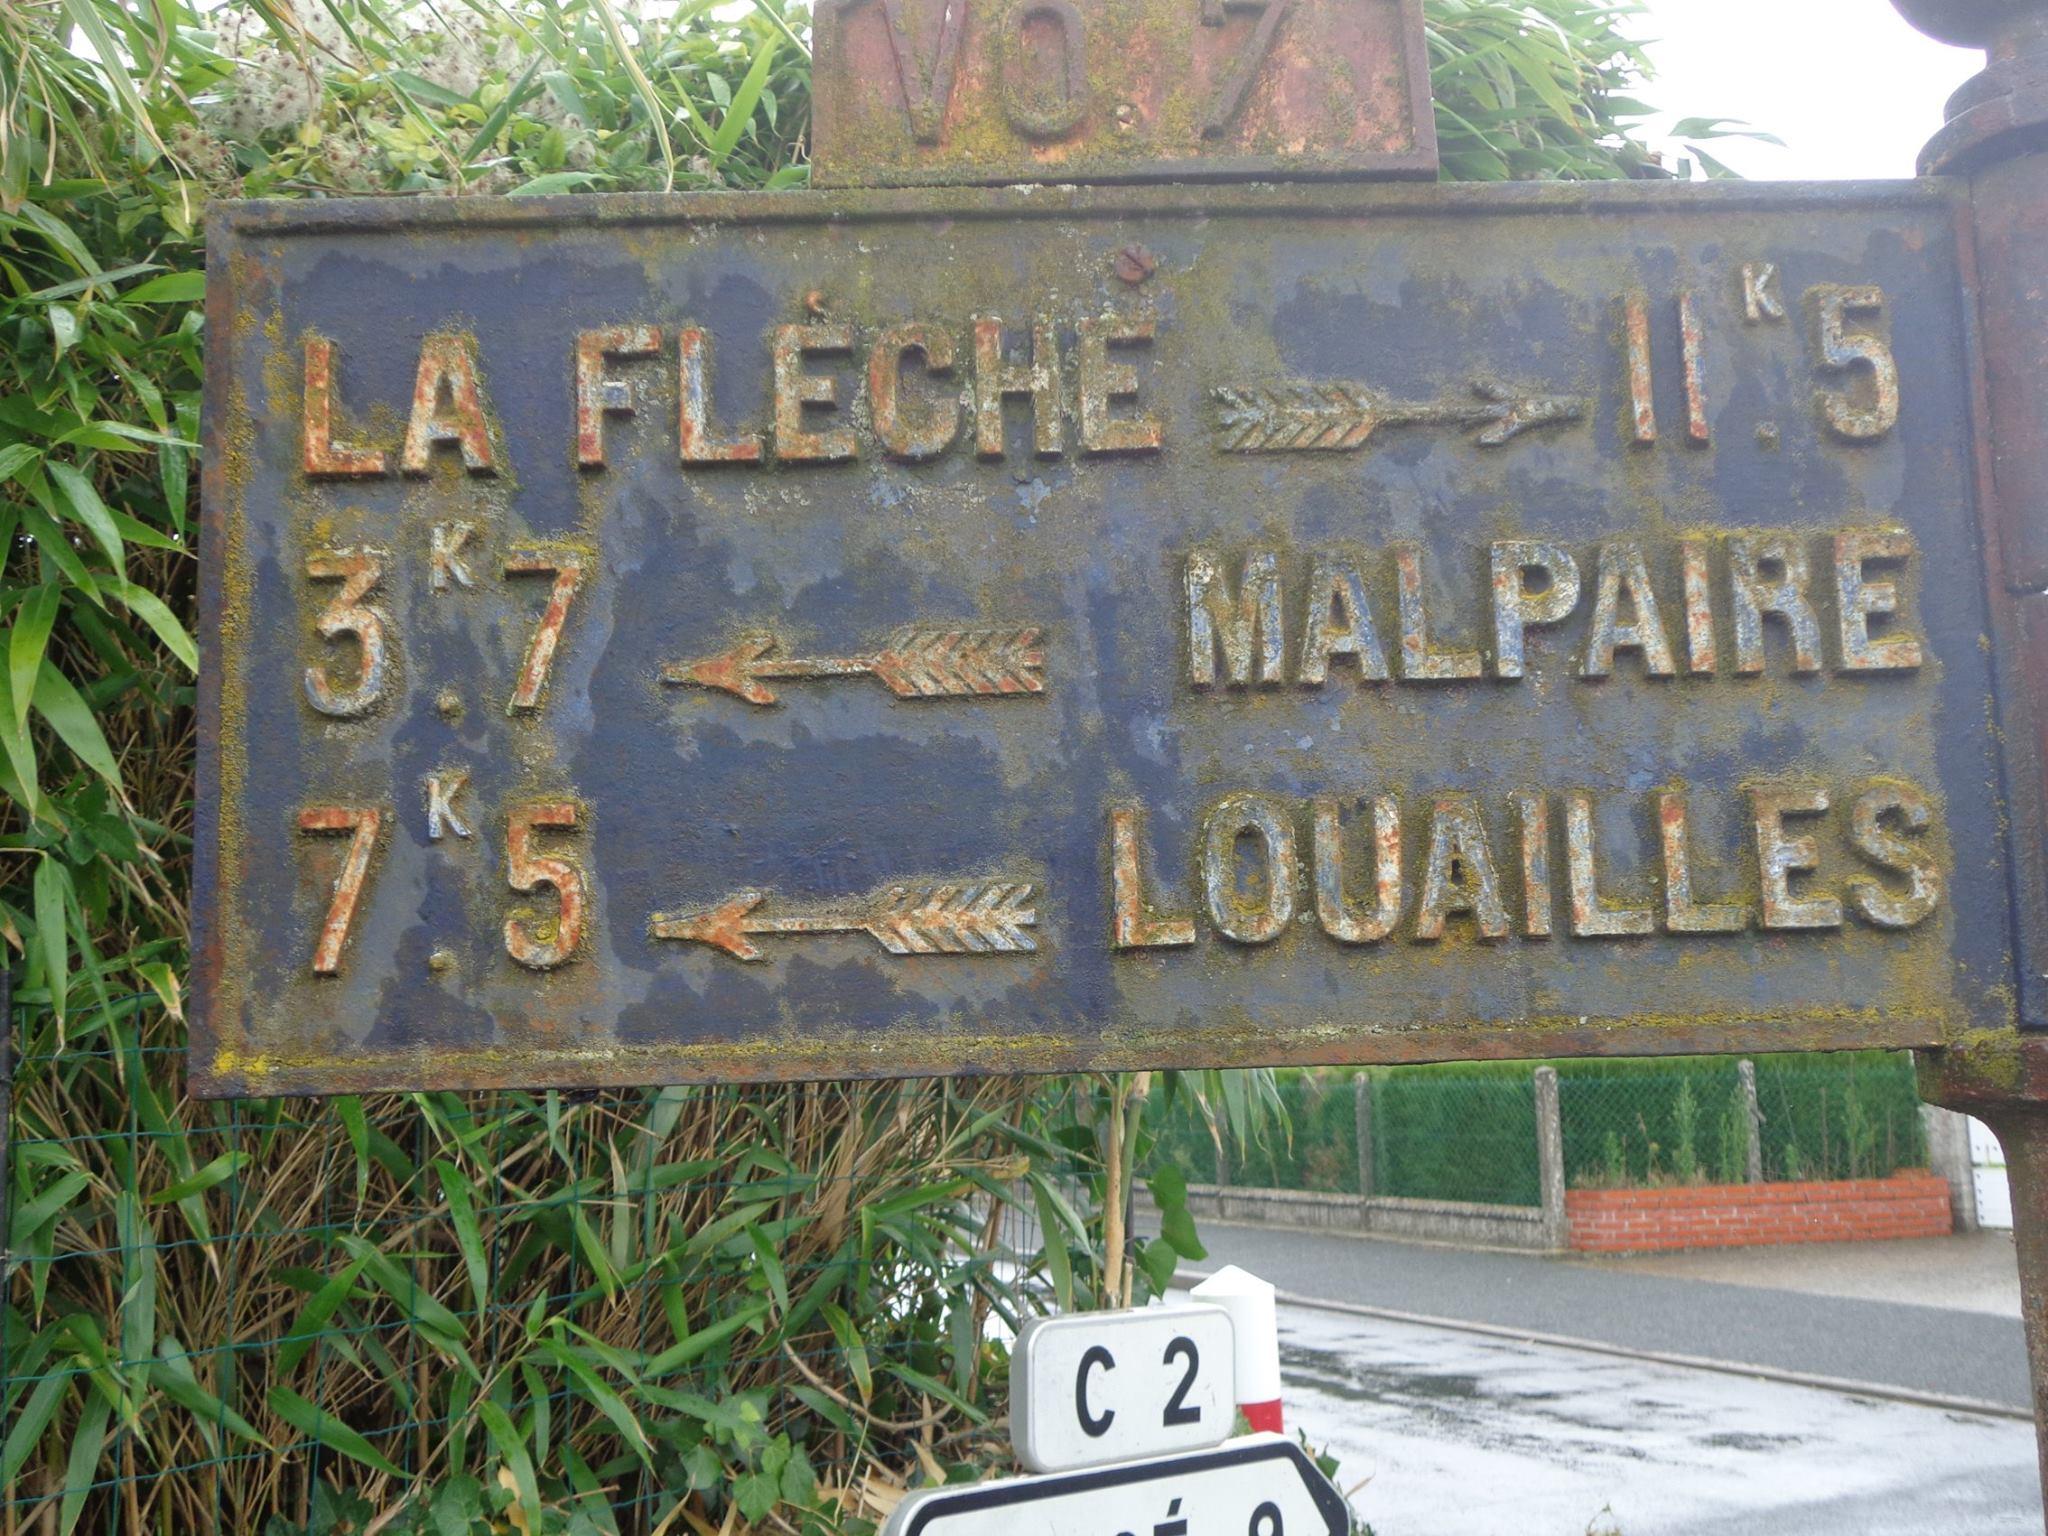 Le Bailleul, rue du Bourg Joly - Plaque de cocher - La Flèche - Malpaire - Louailles (Marie-Yvonne Mersanne)